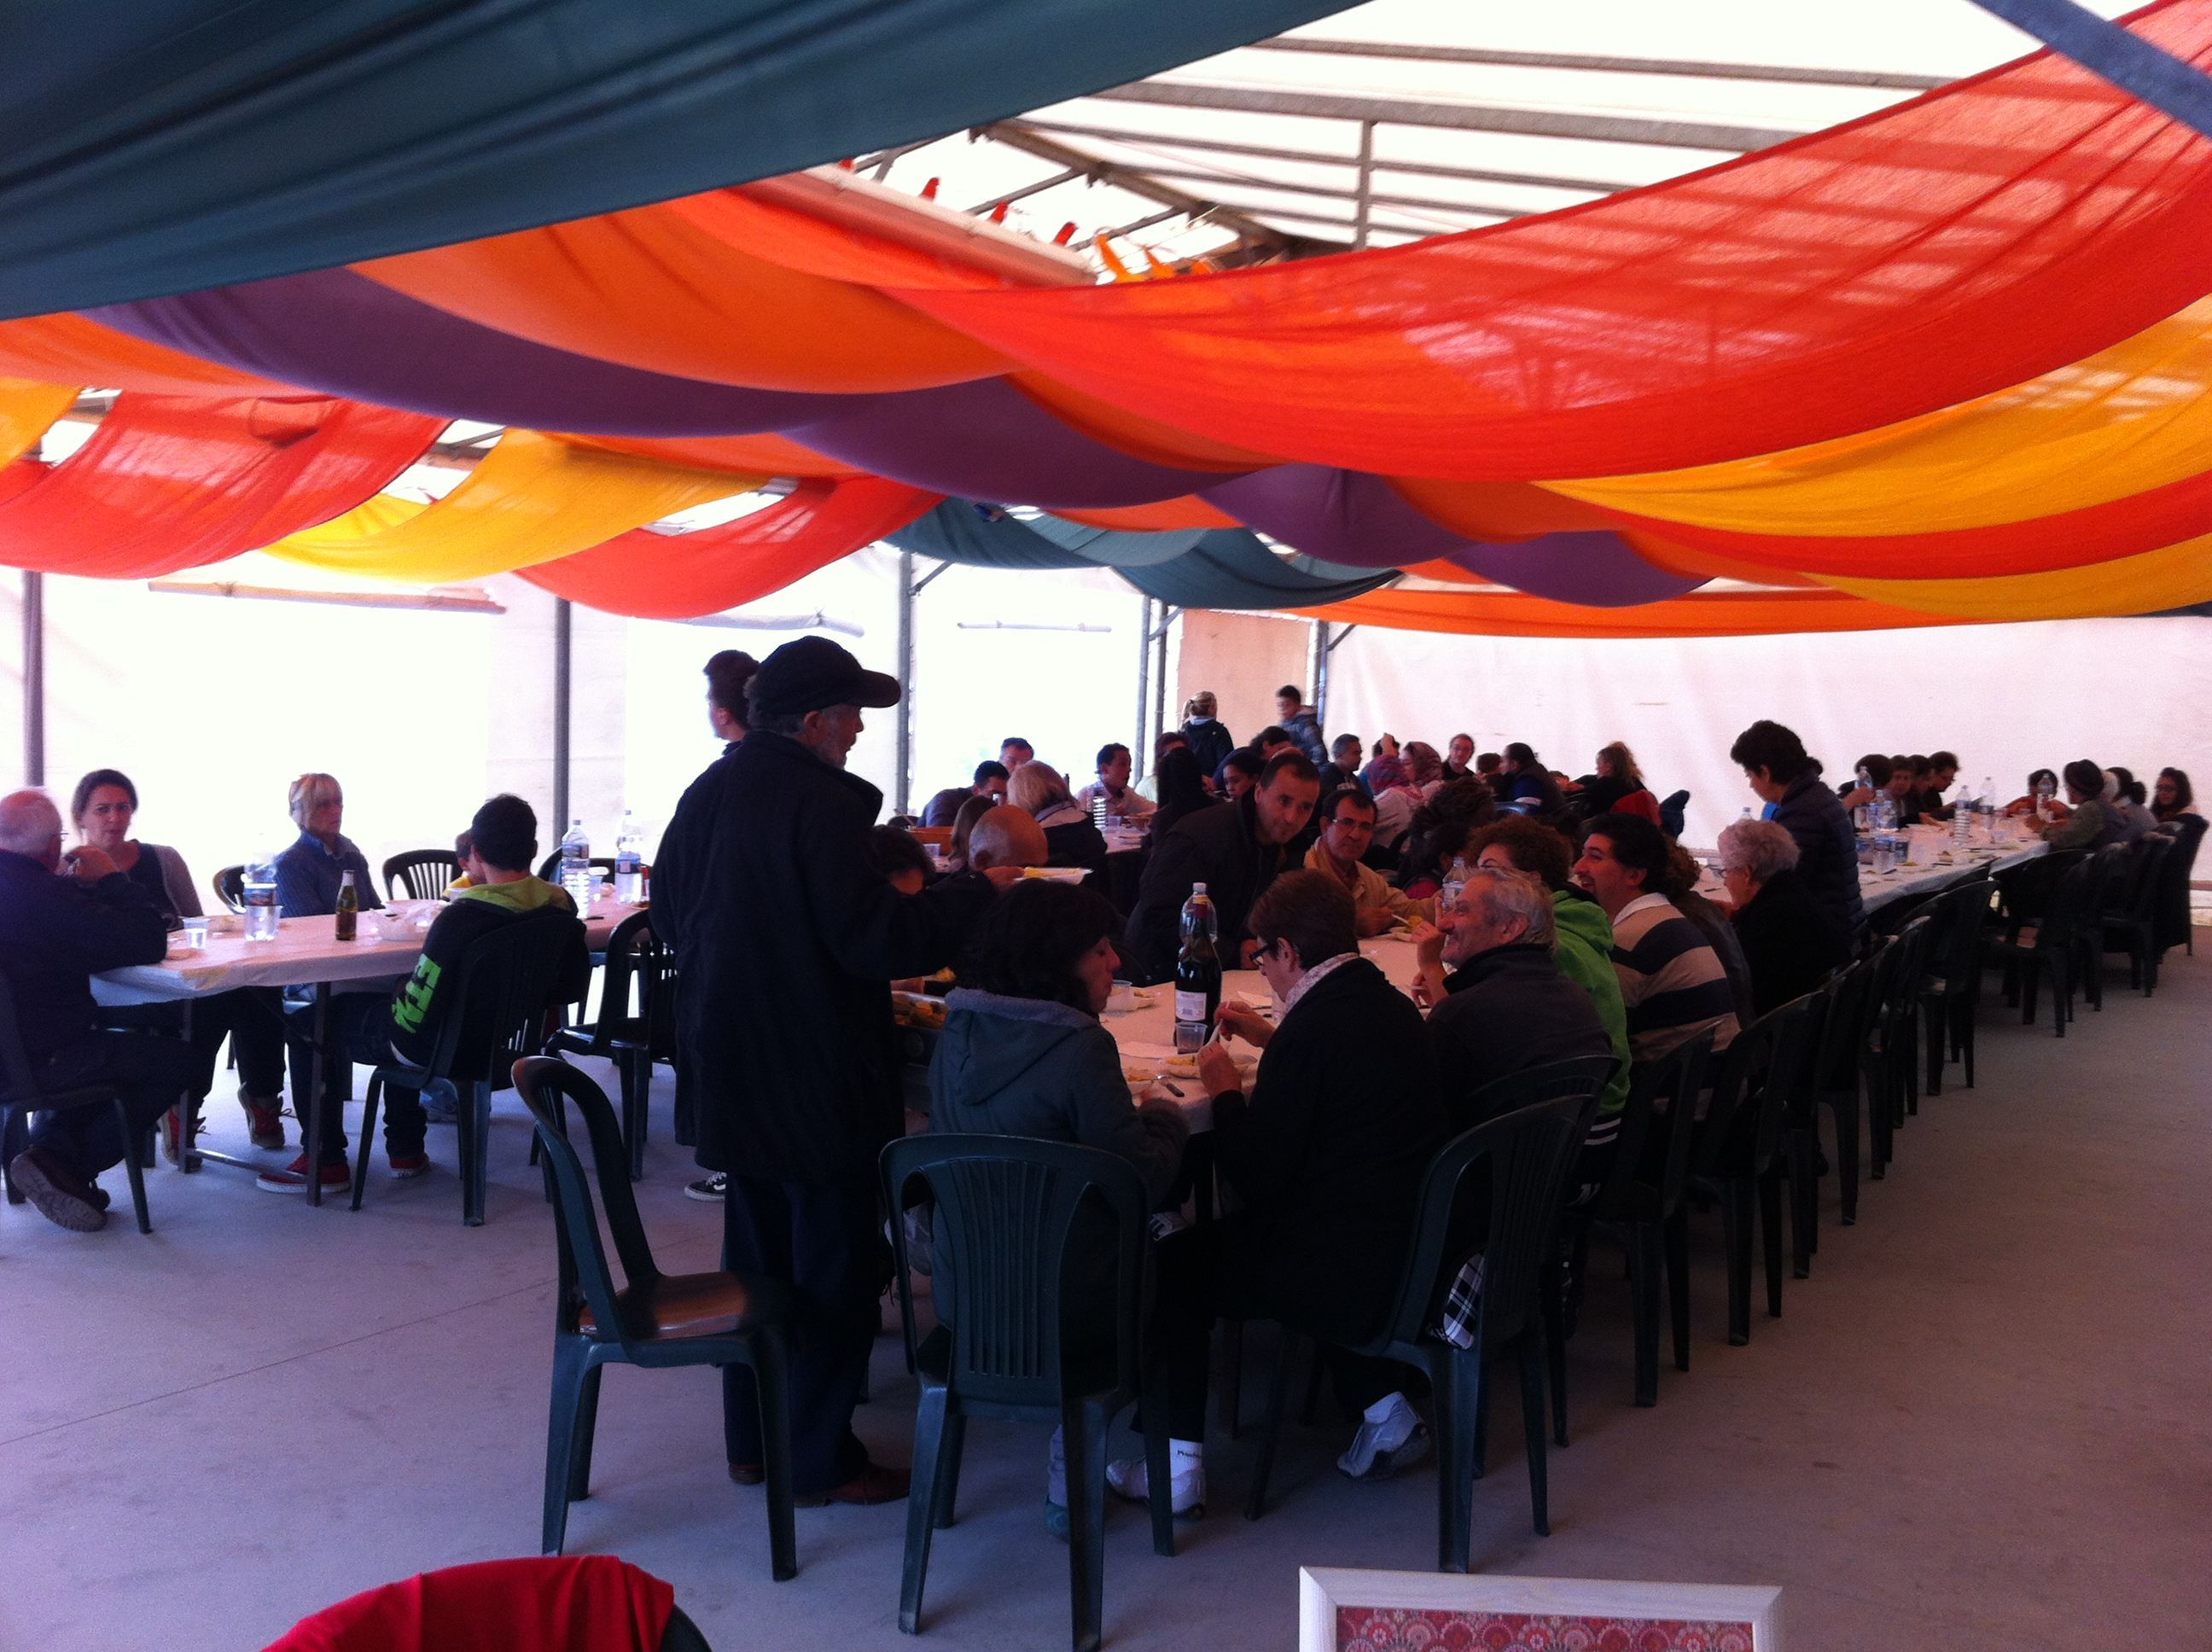 Circolo Acli S. Anna Avagnina: pranzo dell'amicizia italo-marocchina, 6 ottobre 2013